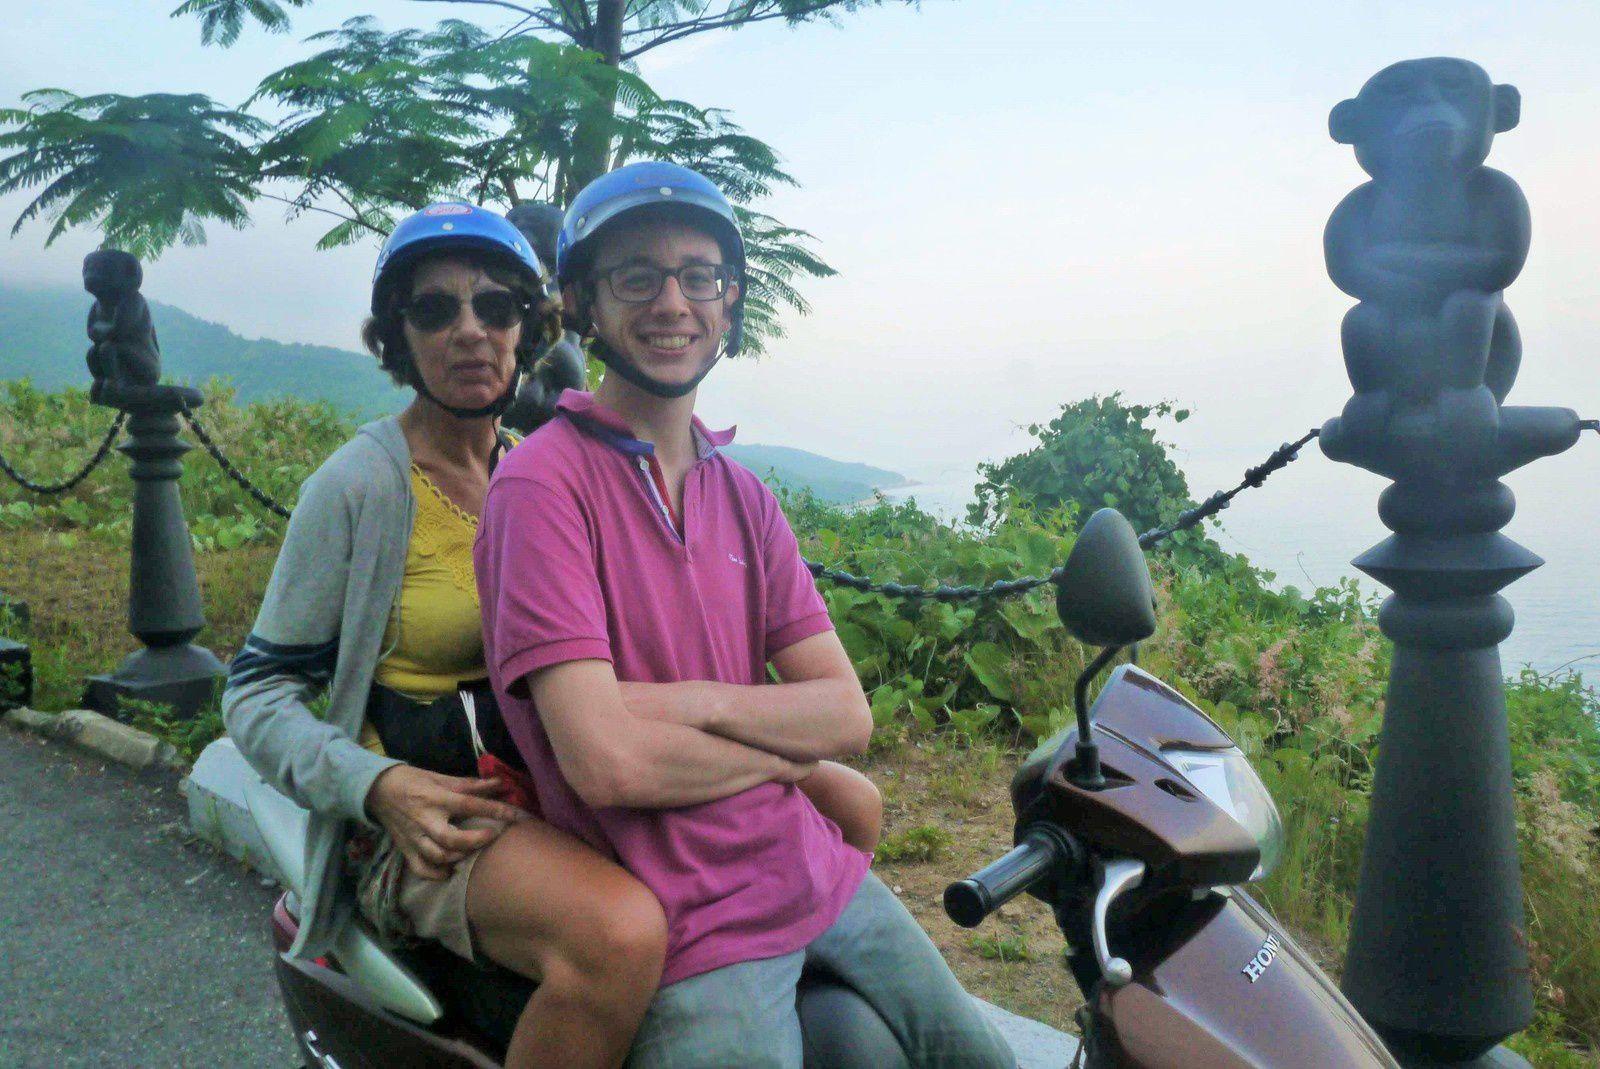 On nous prête les scooters pour découvrir les environs